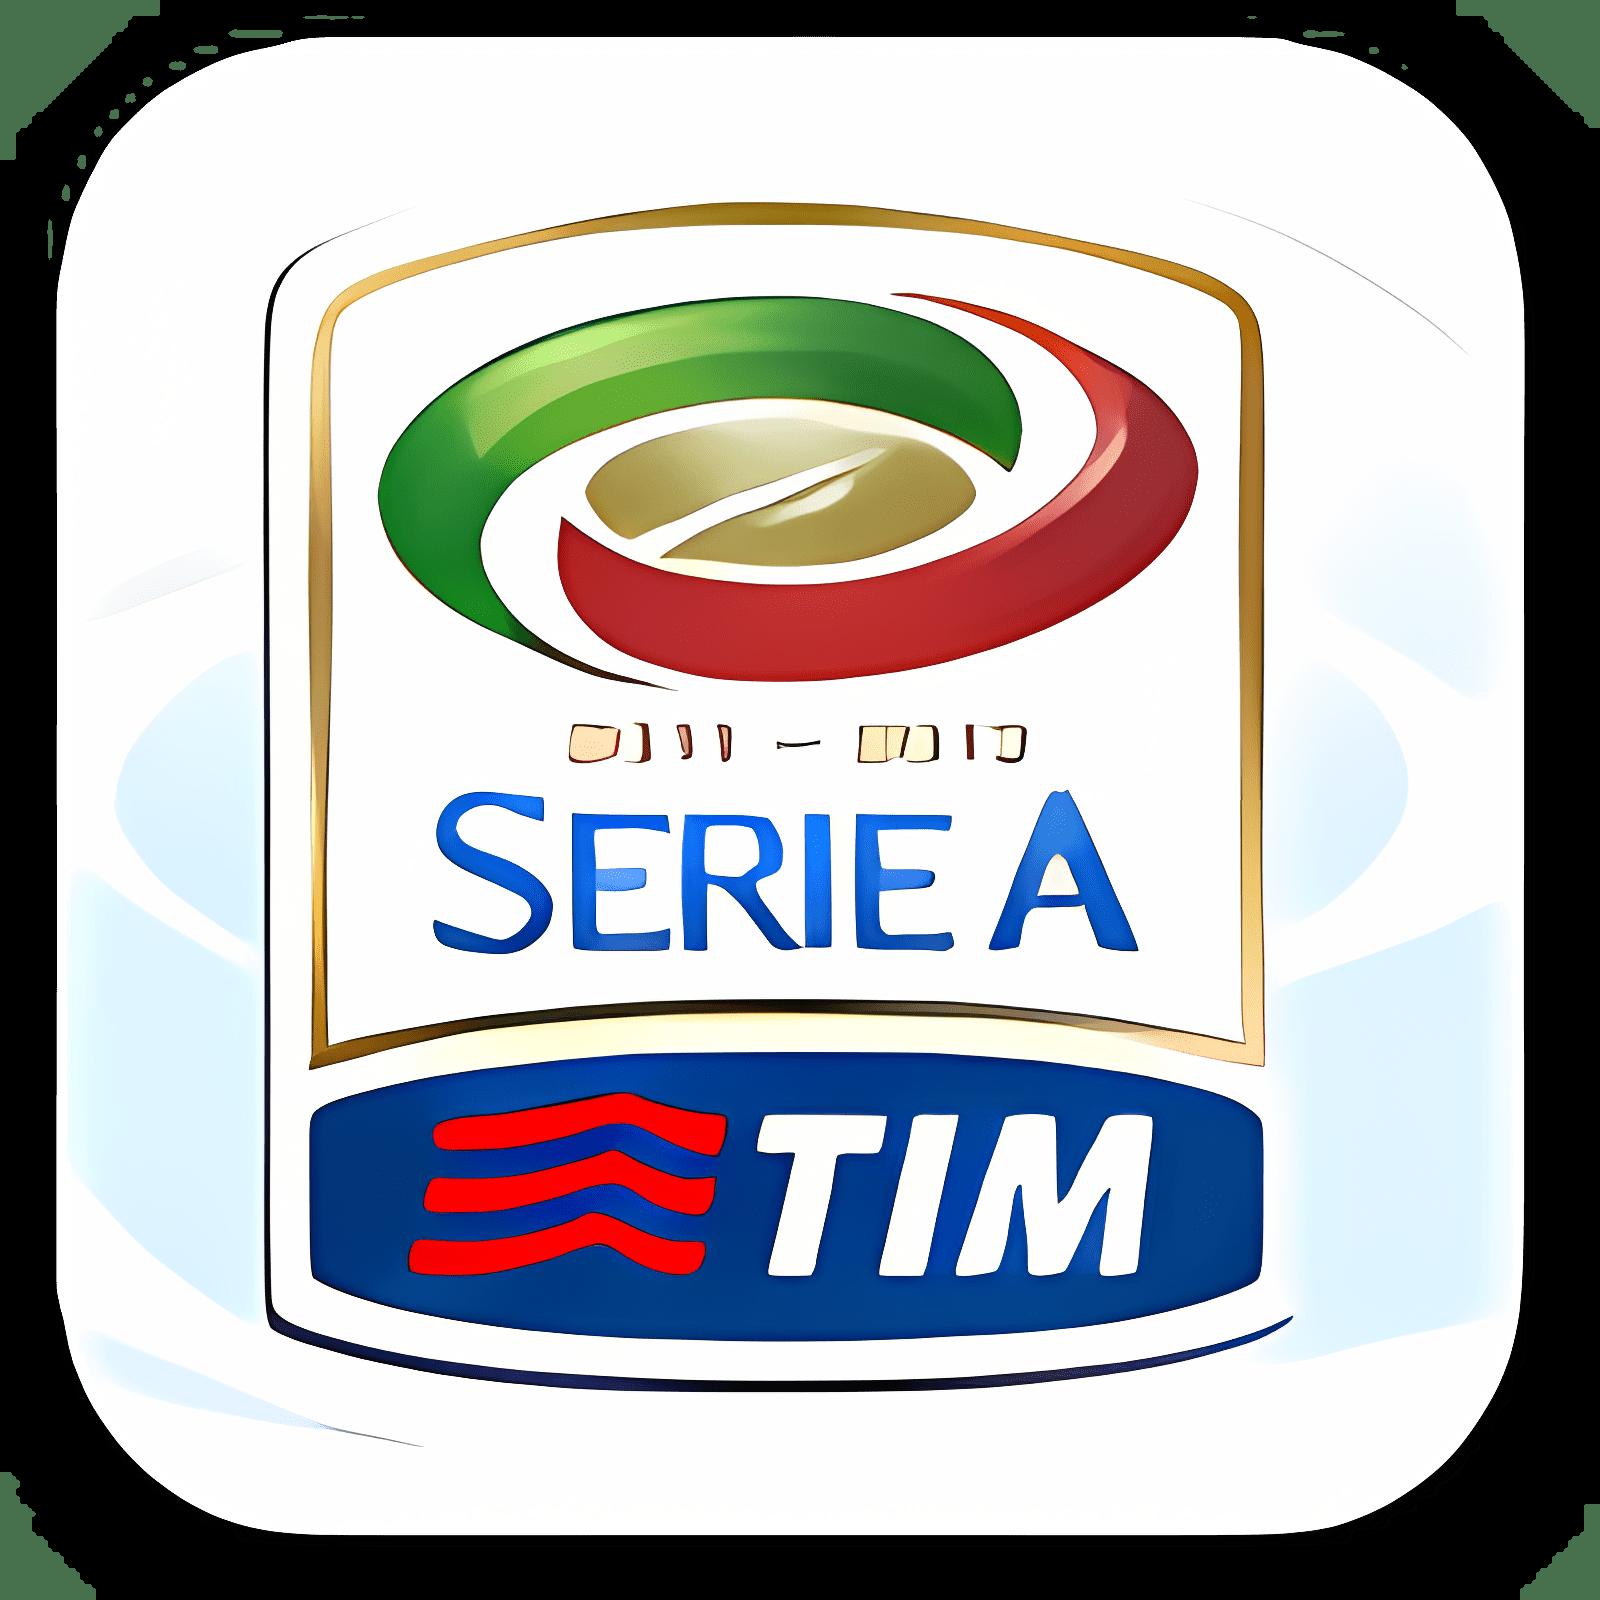 Calendario Serie A 2011/2012